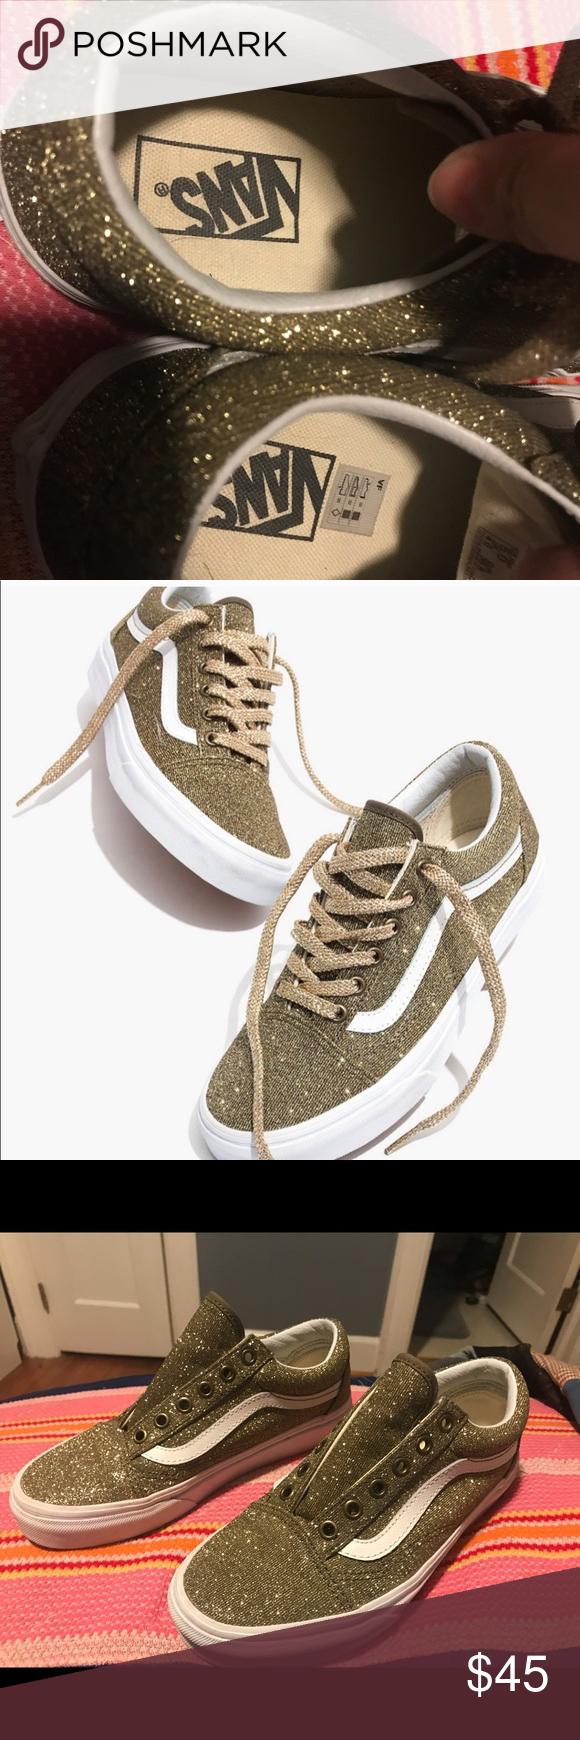 Gold Madewell Vans | Madewell vans